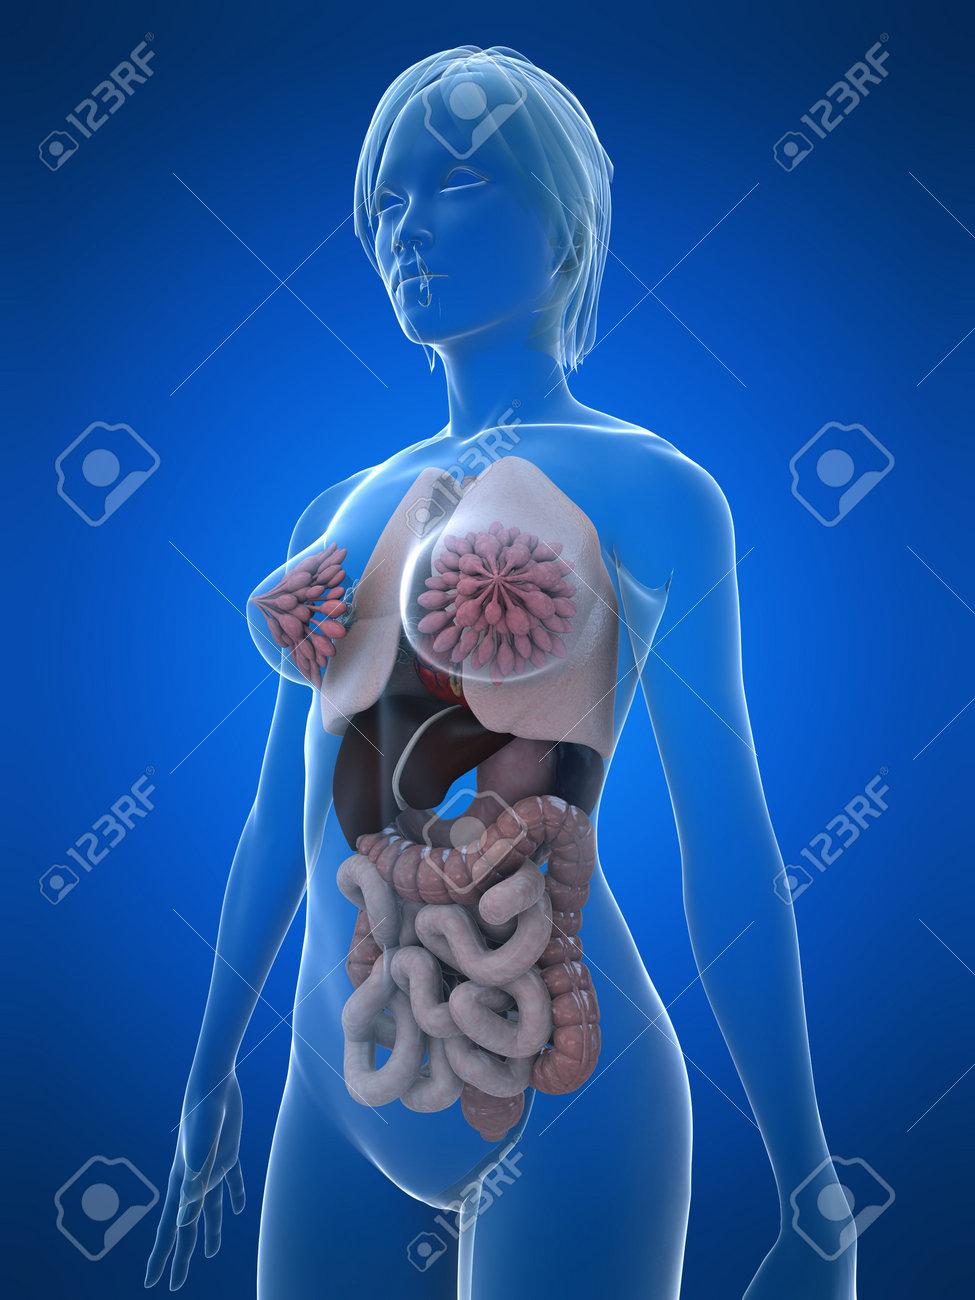 Excepcional El Diagrama De La Anatomía Femenina Friso - Anatomía de ...